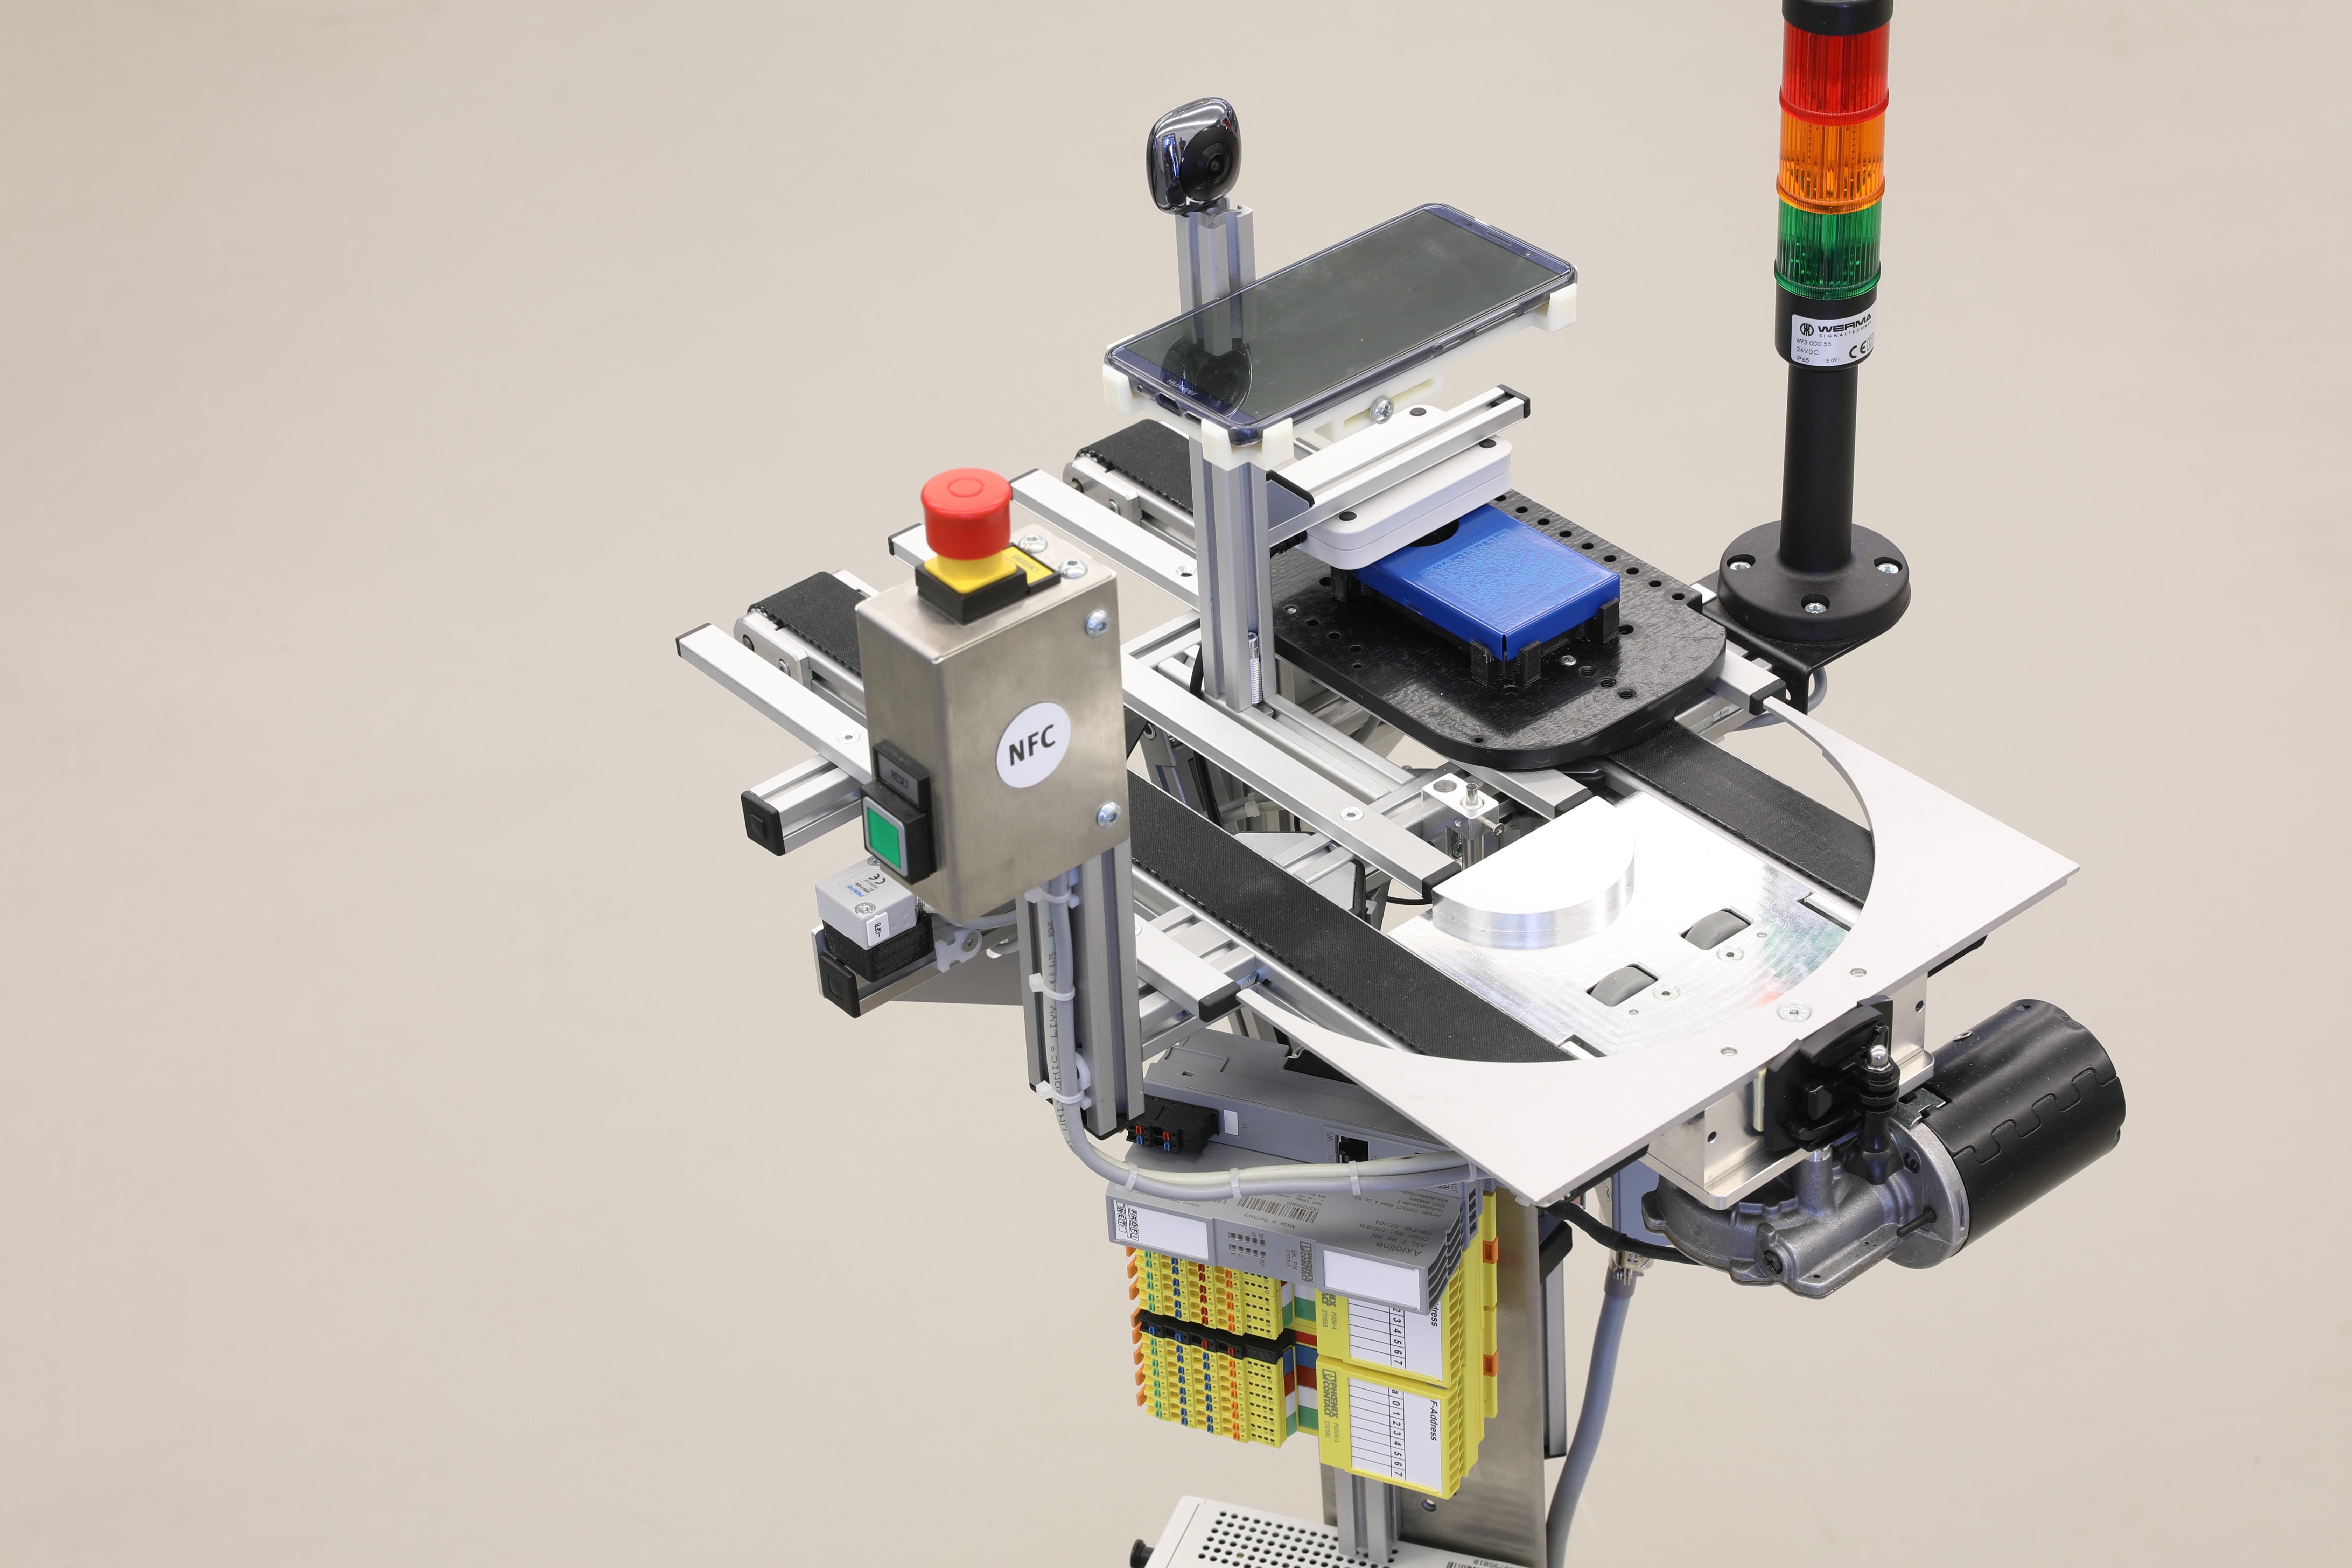 Detailansicht des Robotino der SmartFactory-KL